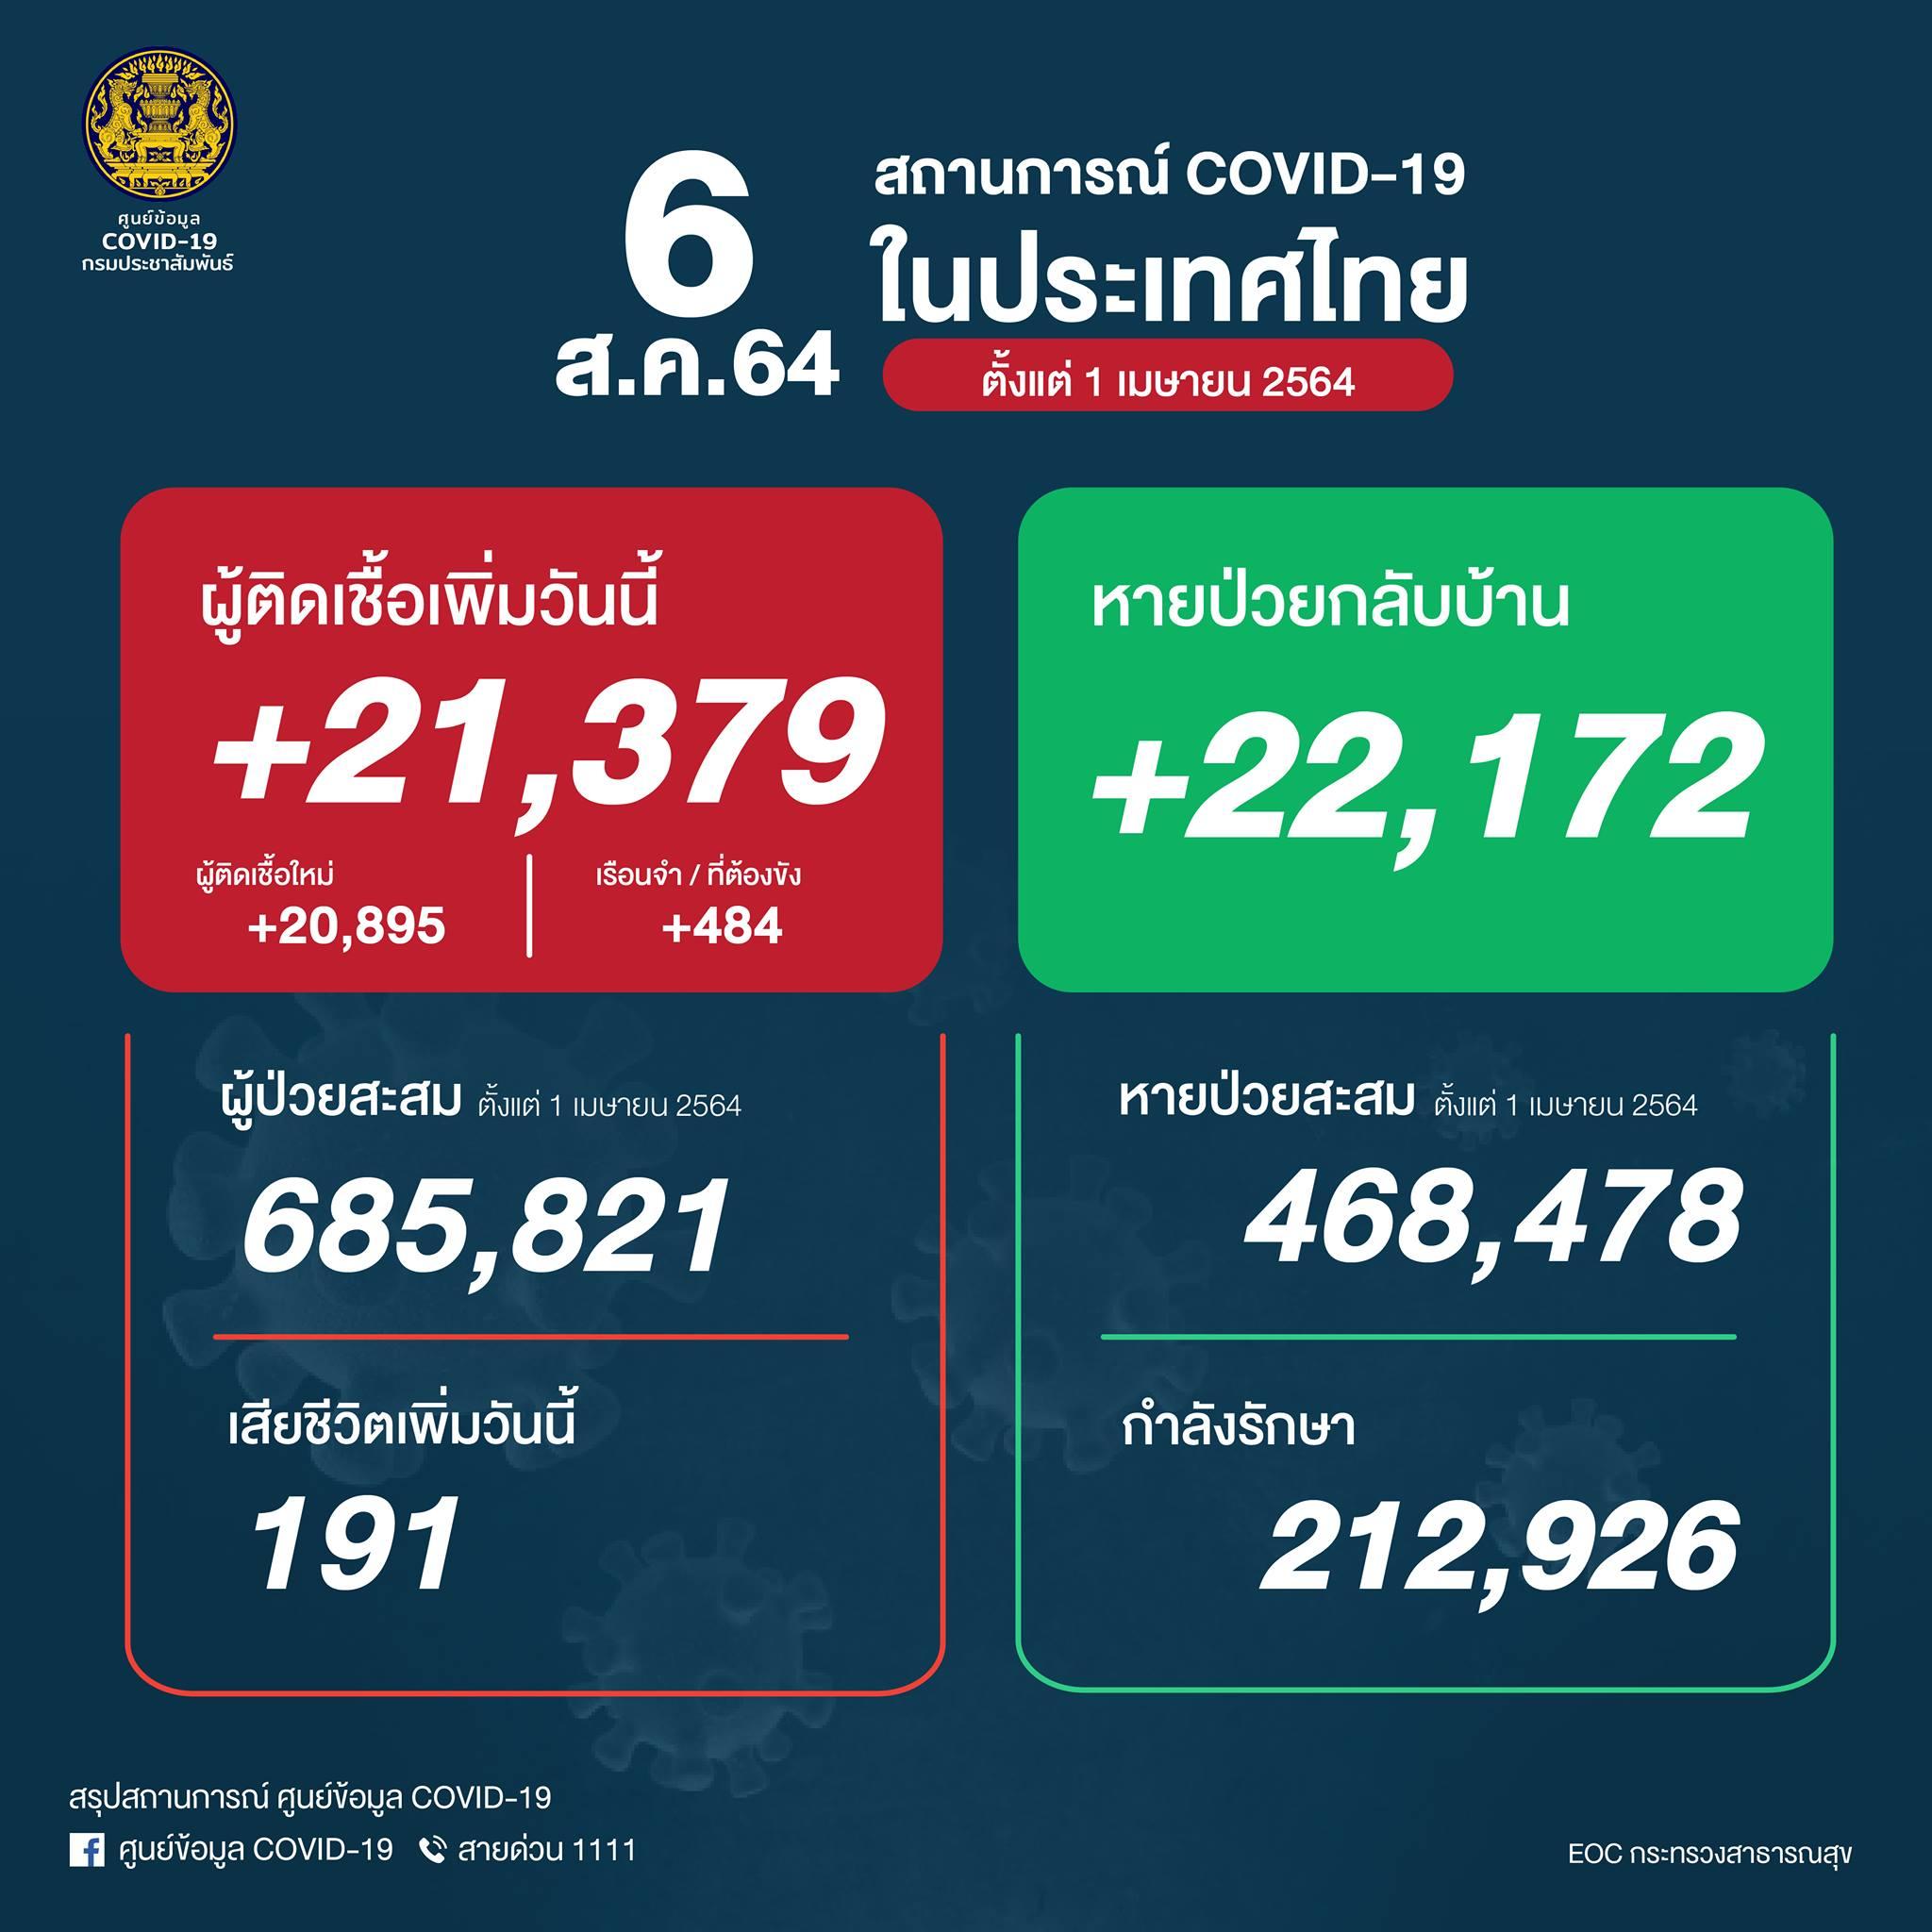 タイ連日最多更新の21,379人陽性、 191人死亡[2021/8/6]